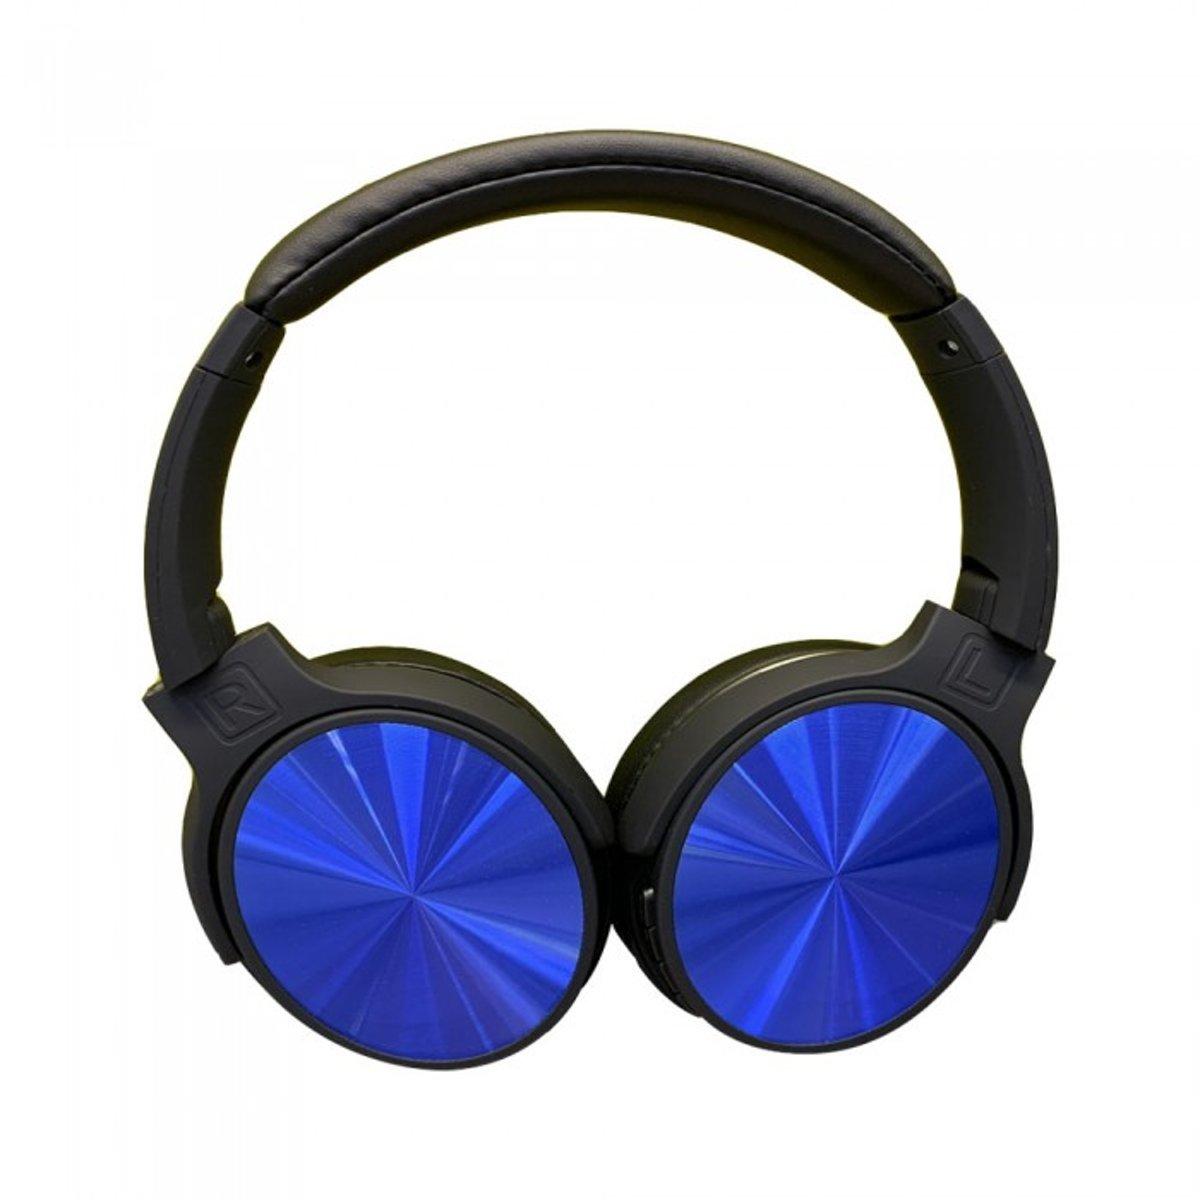 V-tac VT-6322 Bluetooth draadloze koptelefoon - draaibaar - blauw